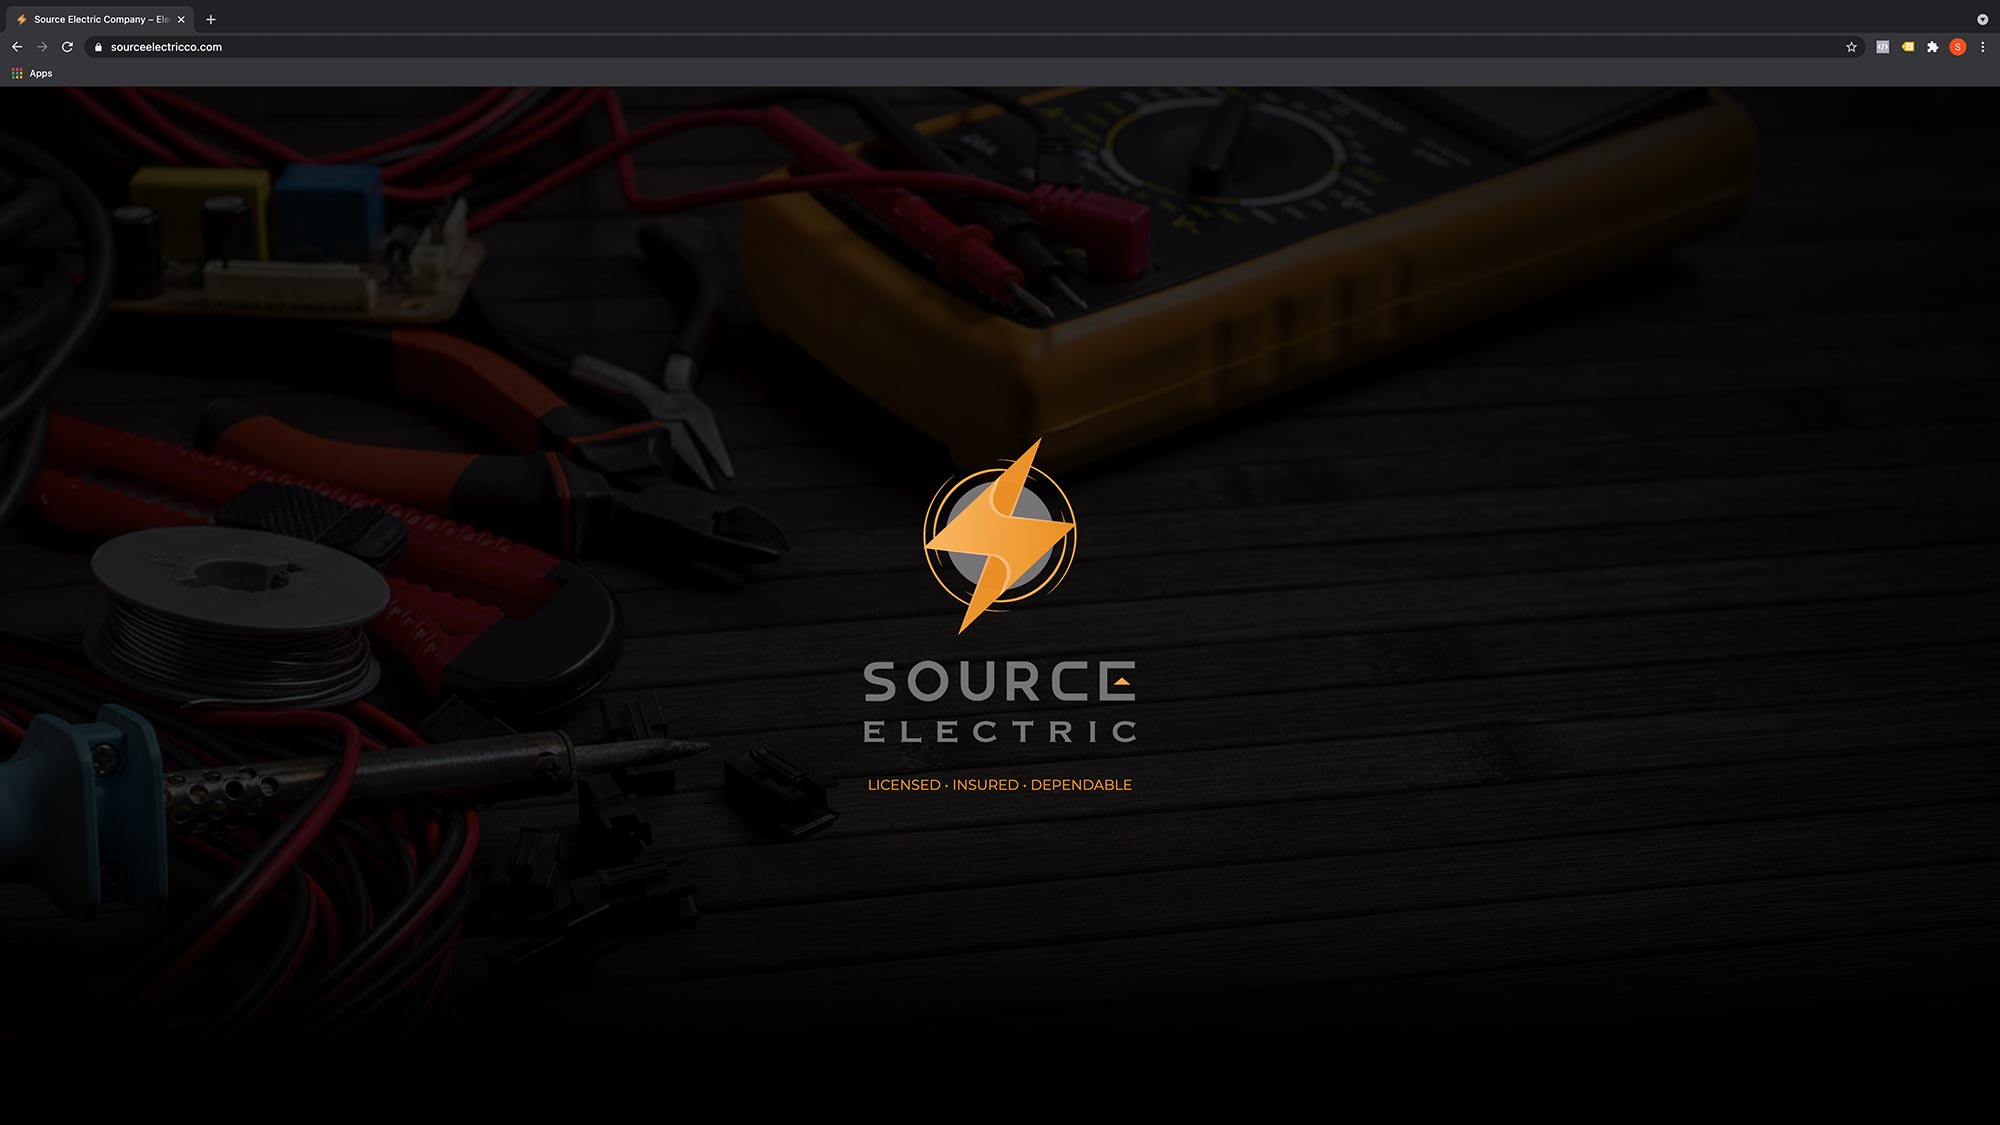 sourceelectricco.com